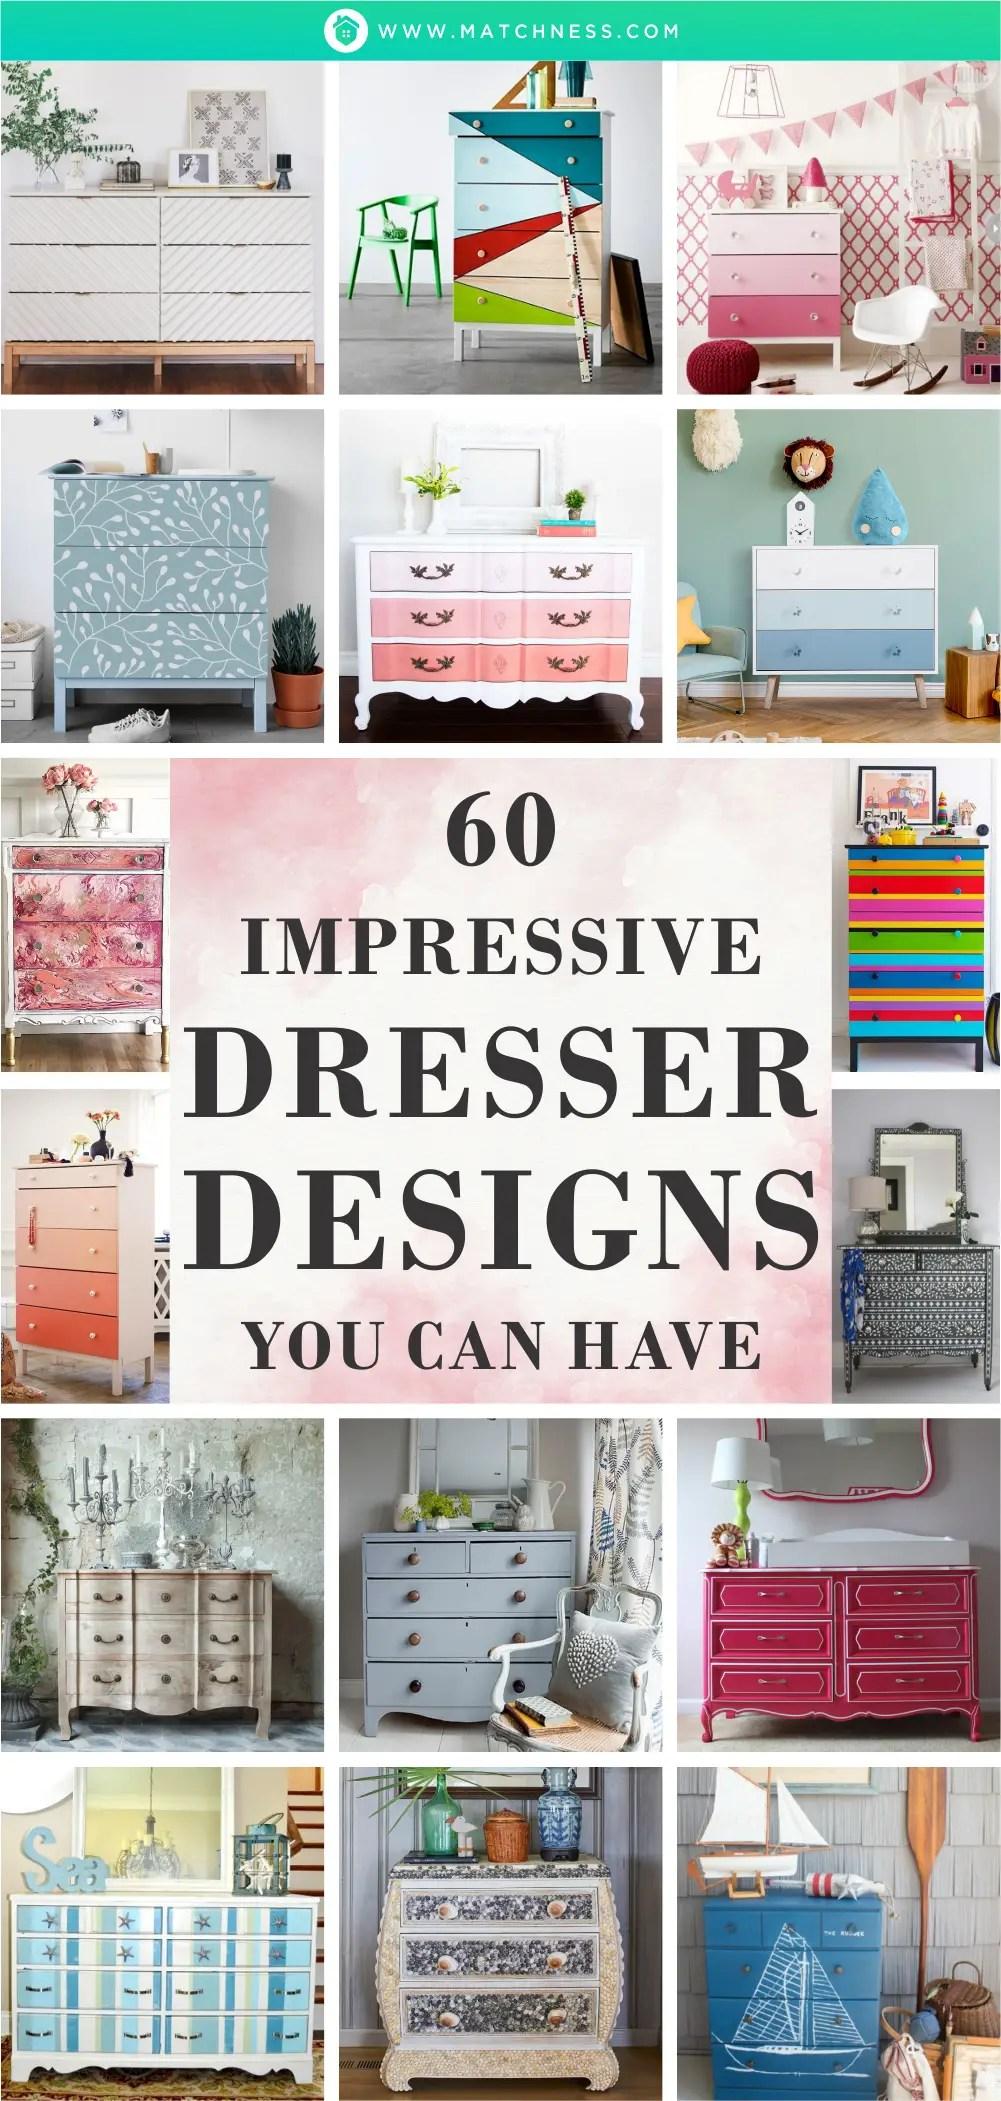 60-impressive-dresser-designs-you-can-have1